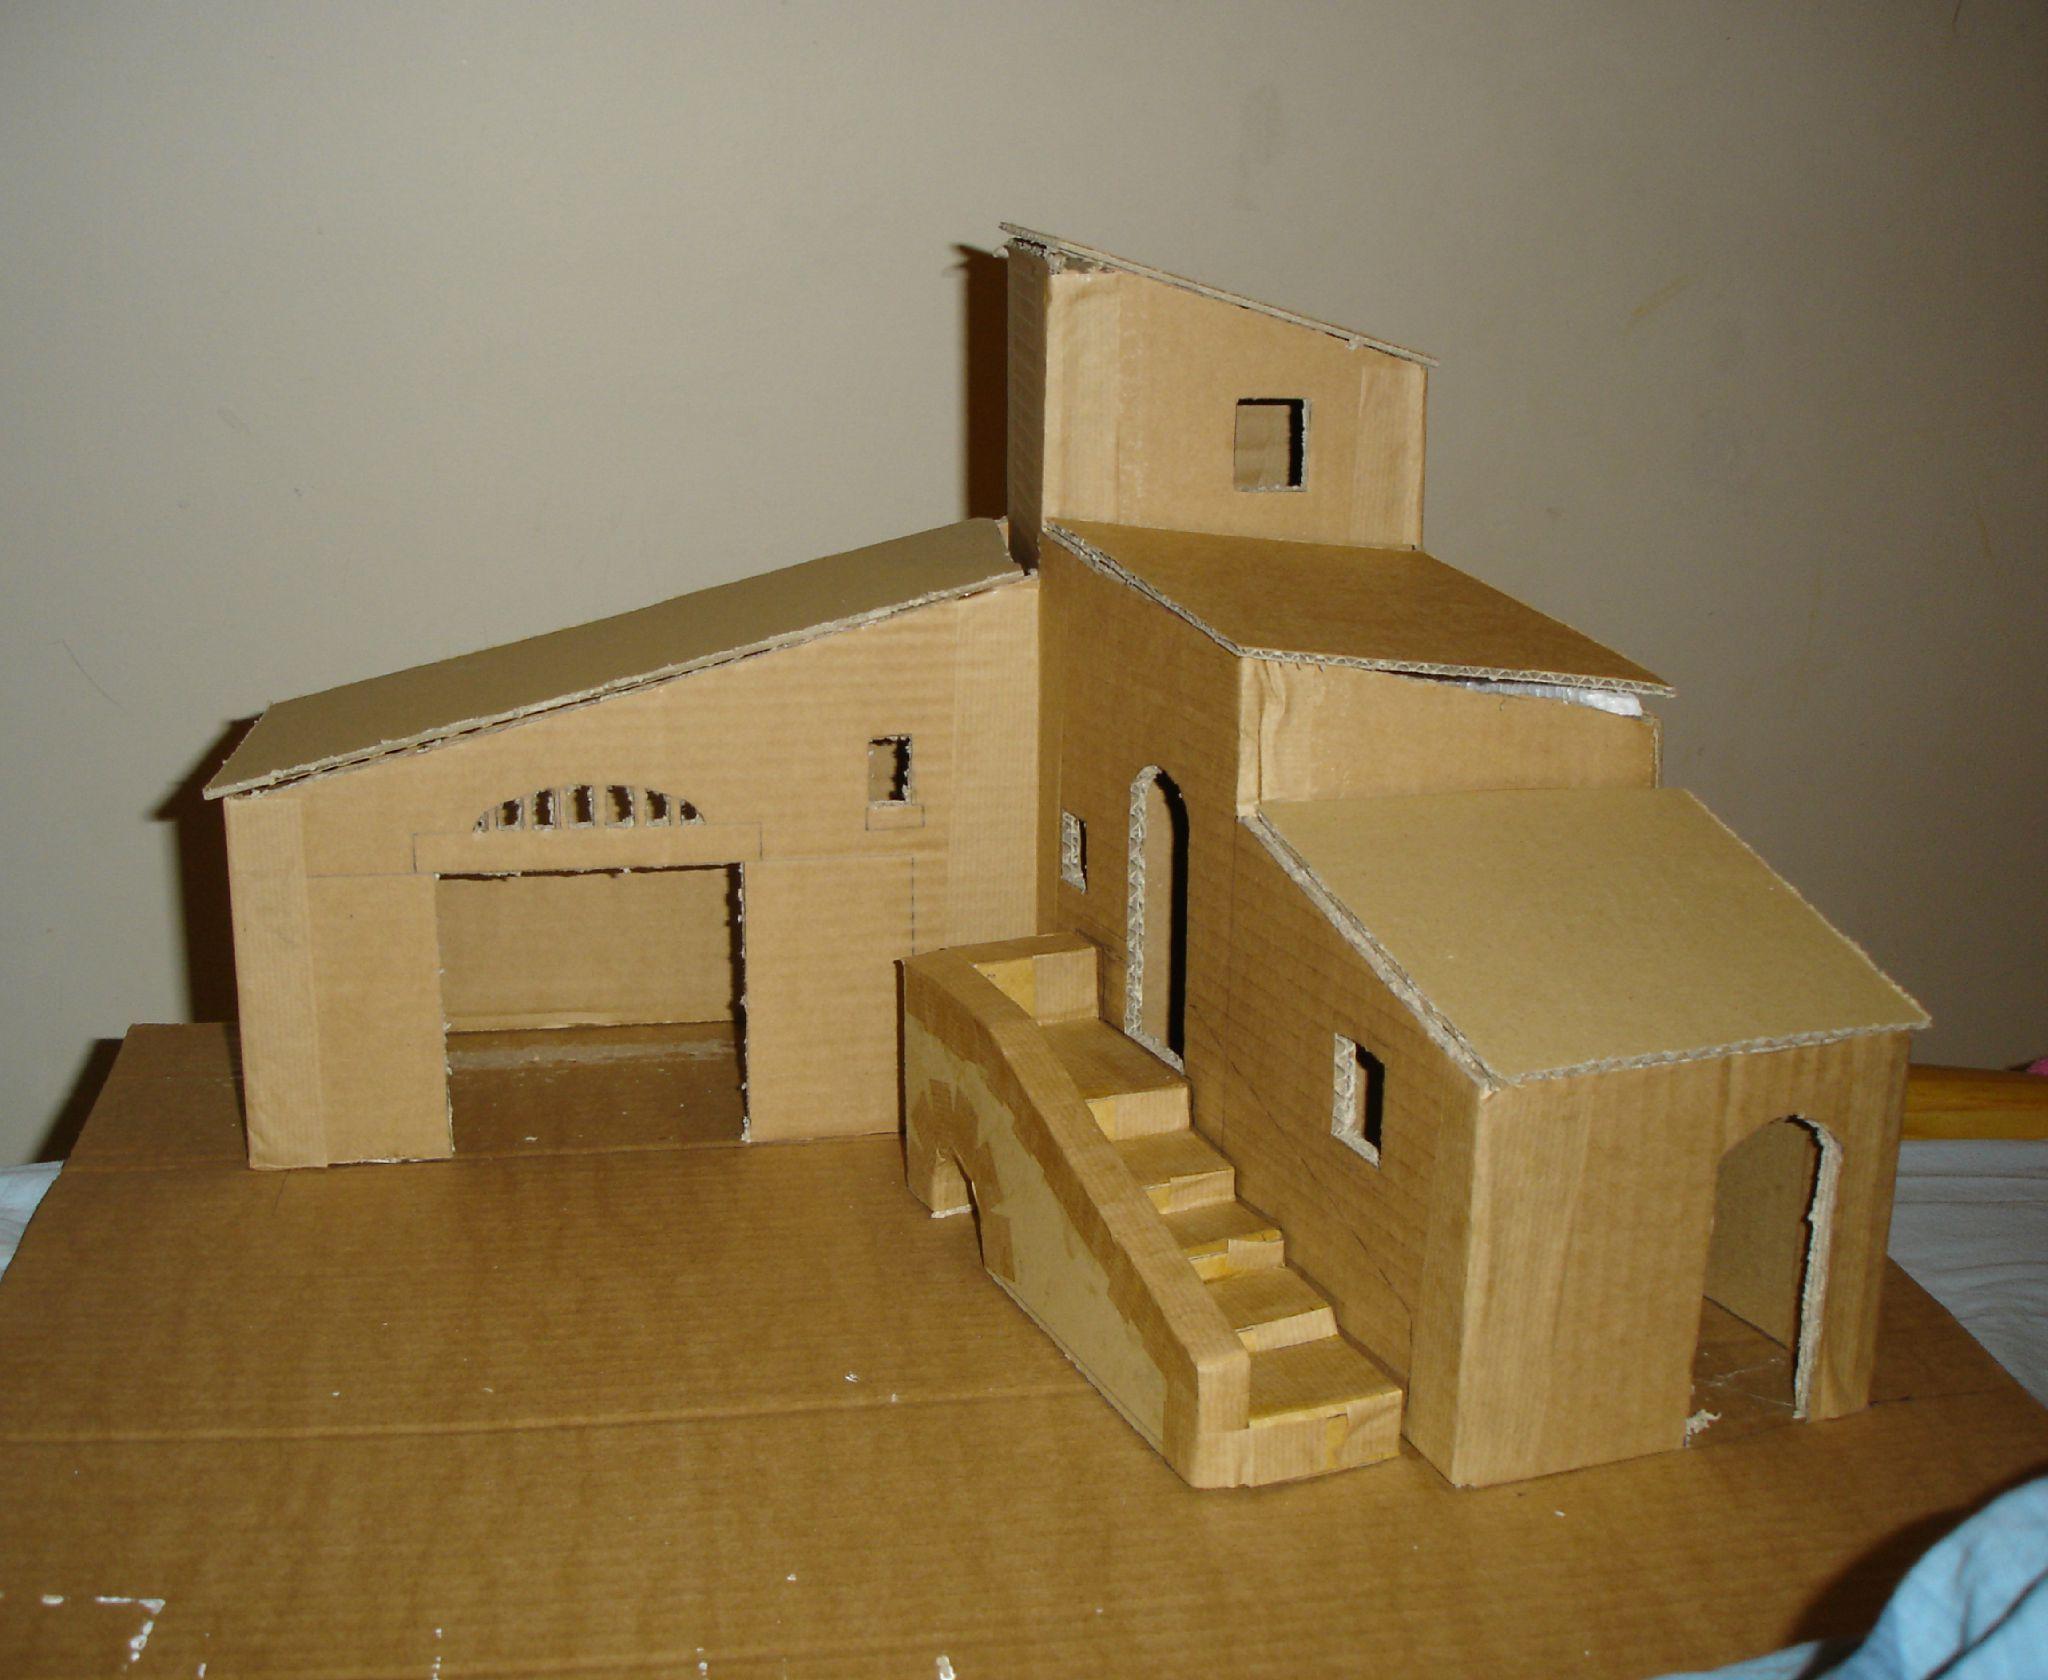 Crêche Construire les détails avant installation des toitures